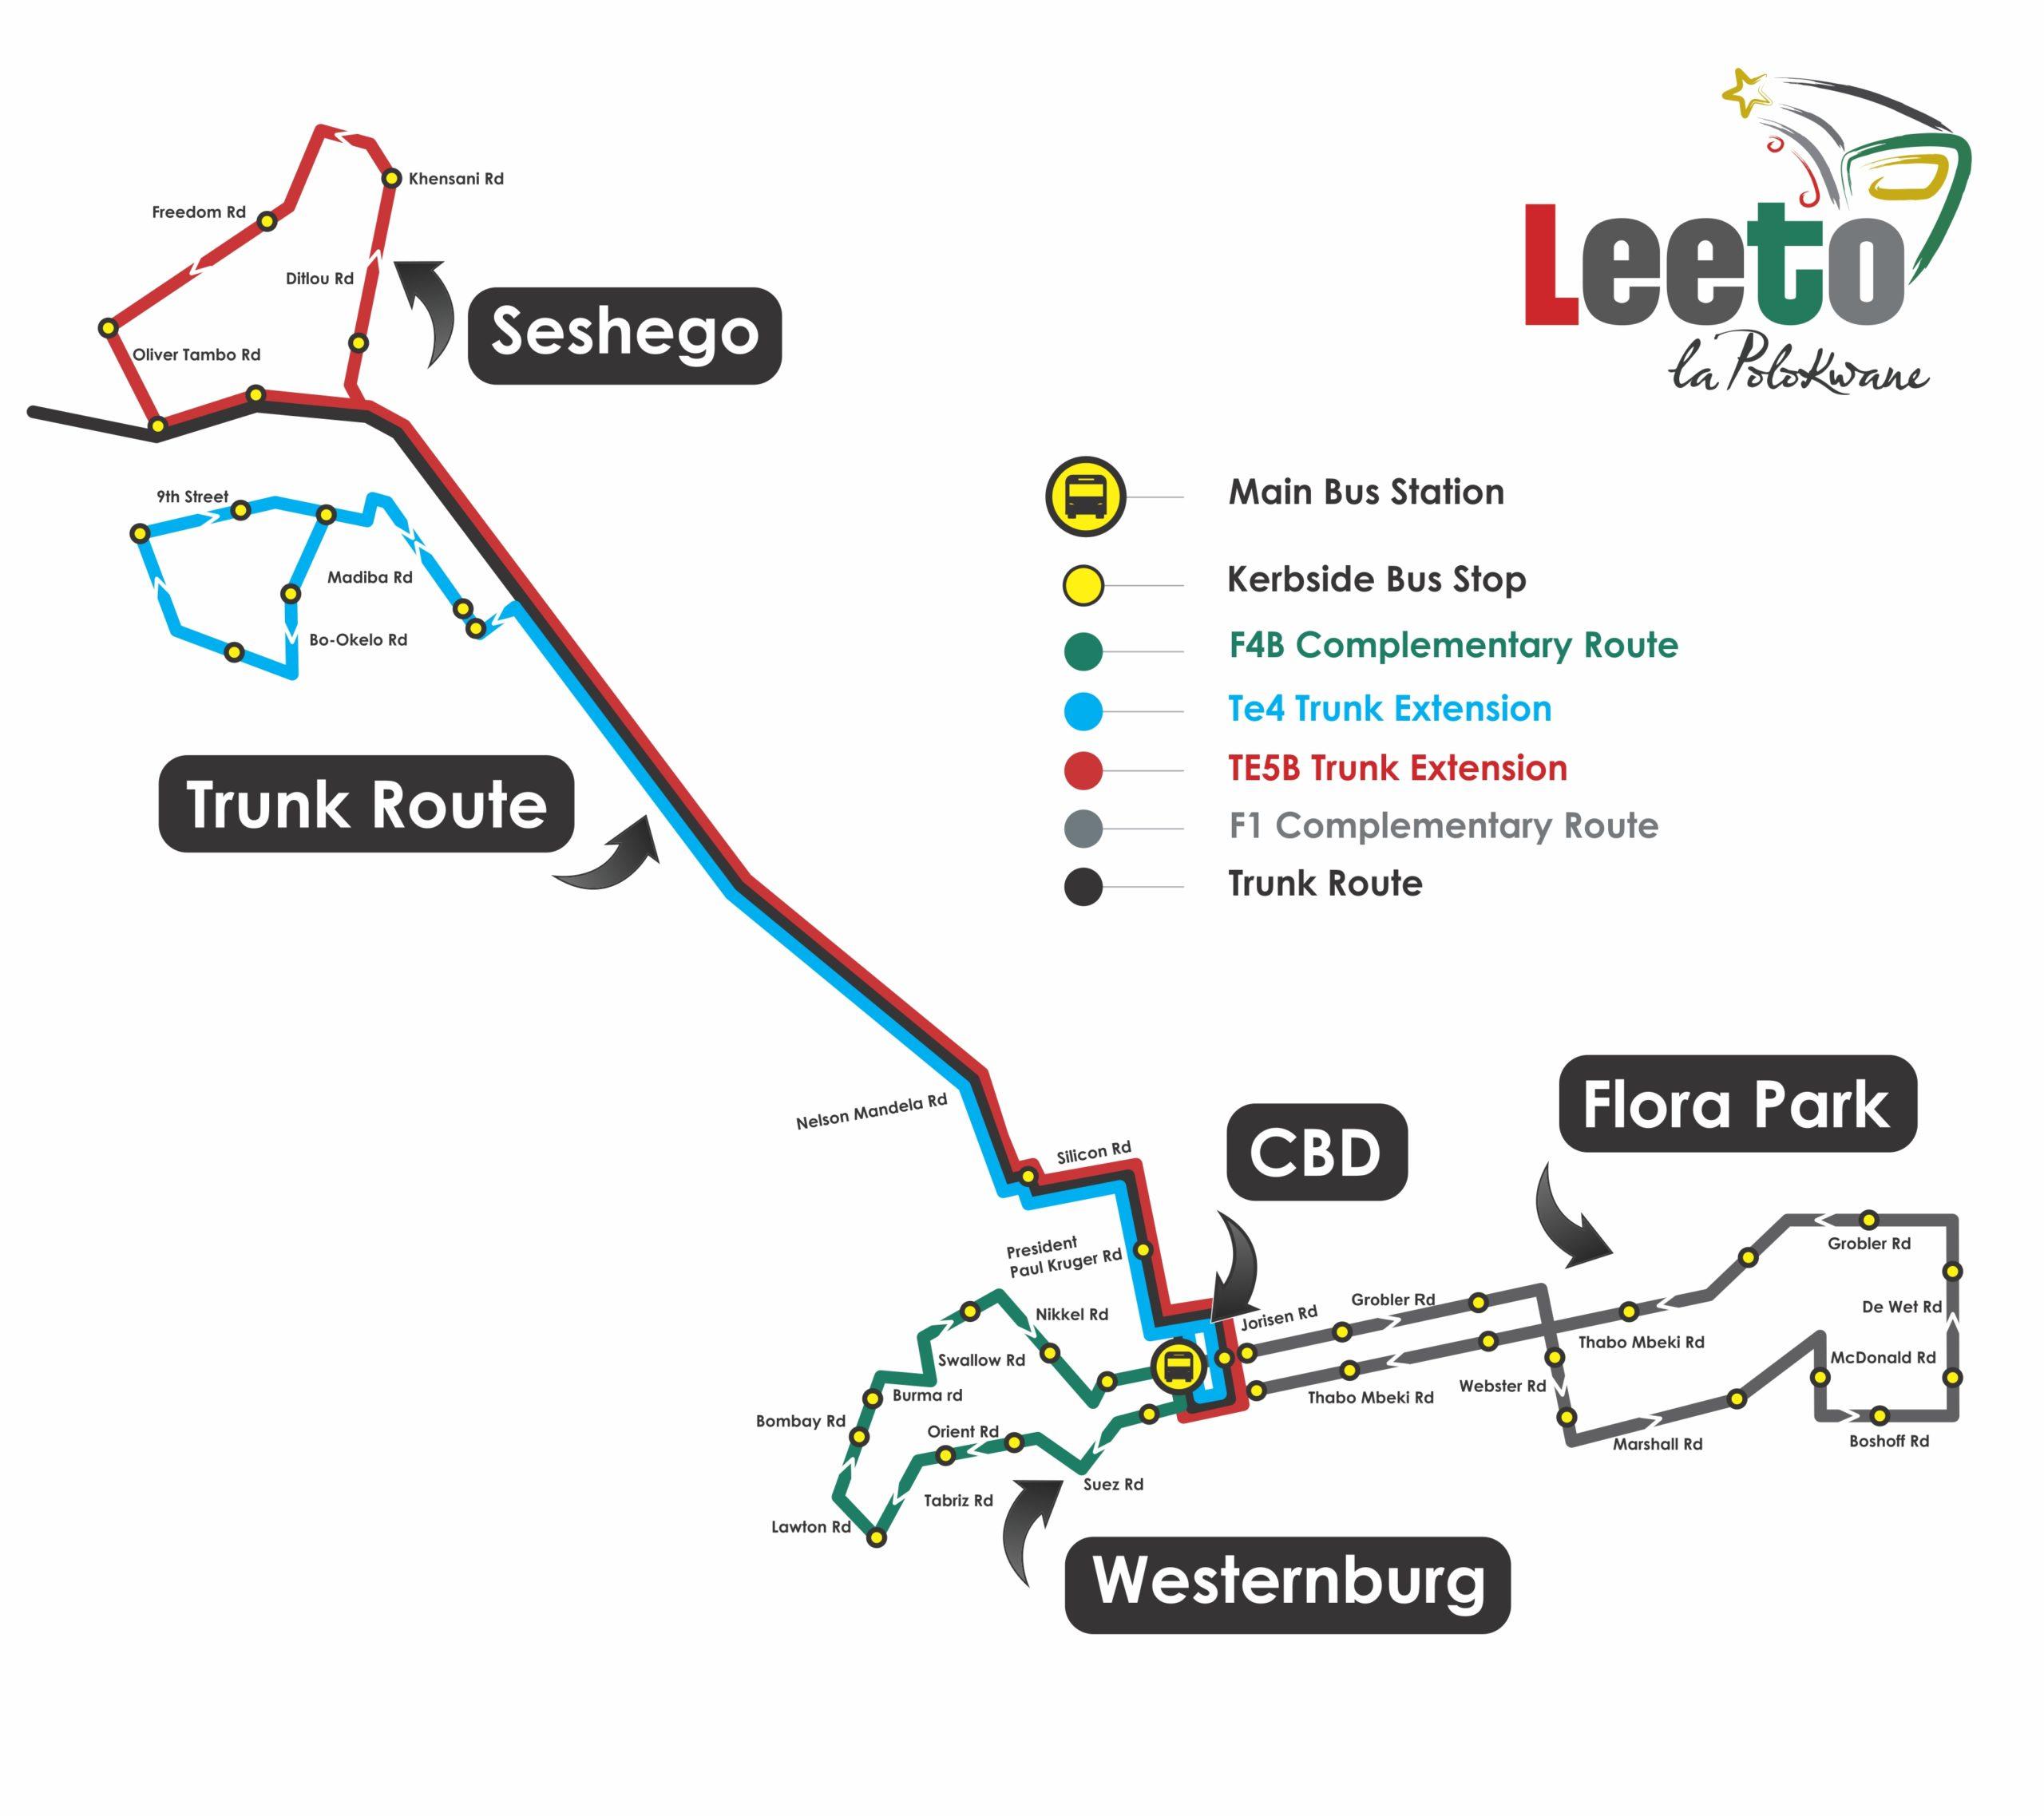 The Route Map of Leeto la Polokwane